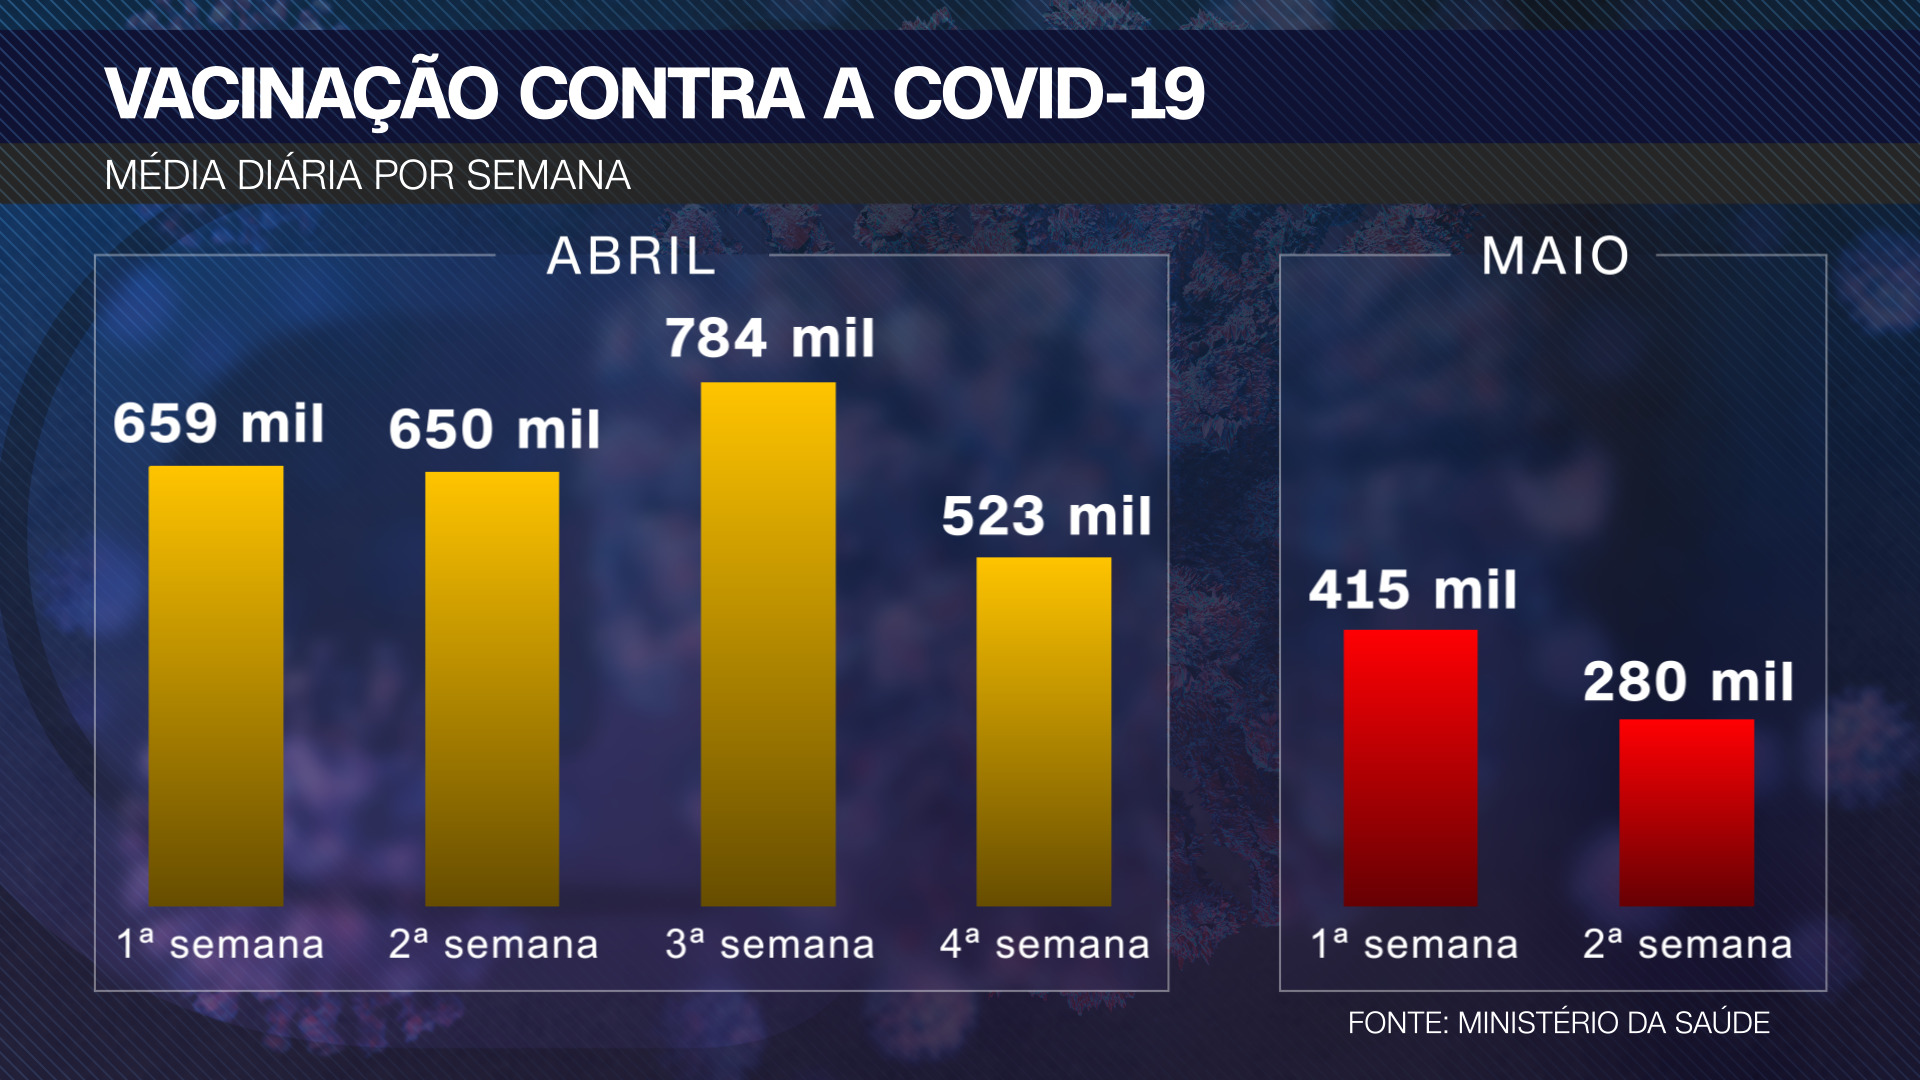 Queda na vacinação contra a Covid-19 no Brasil